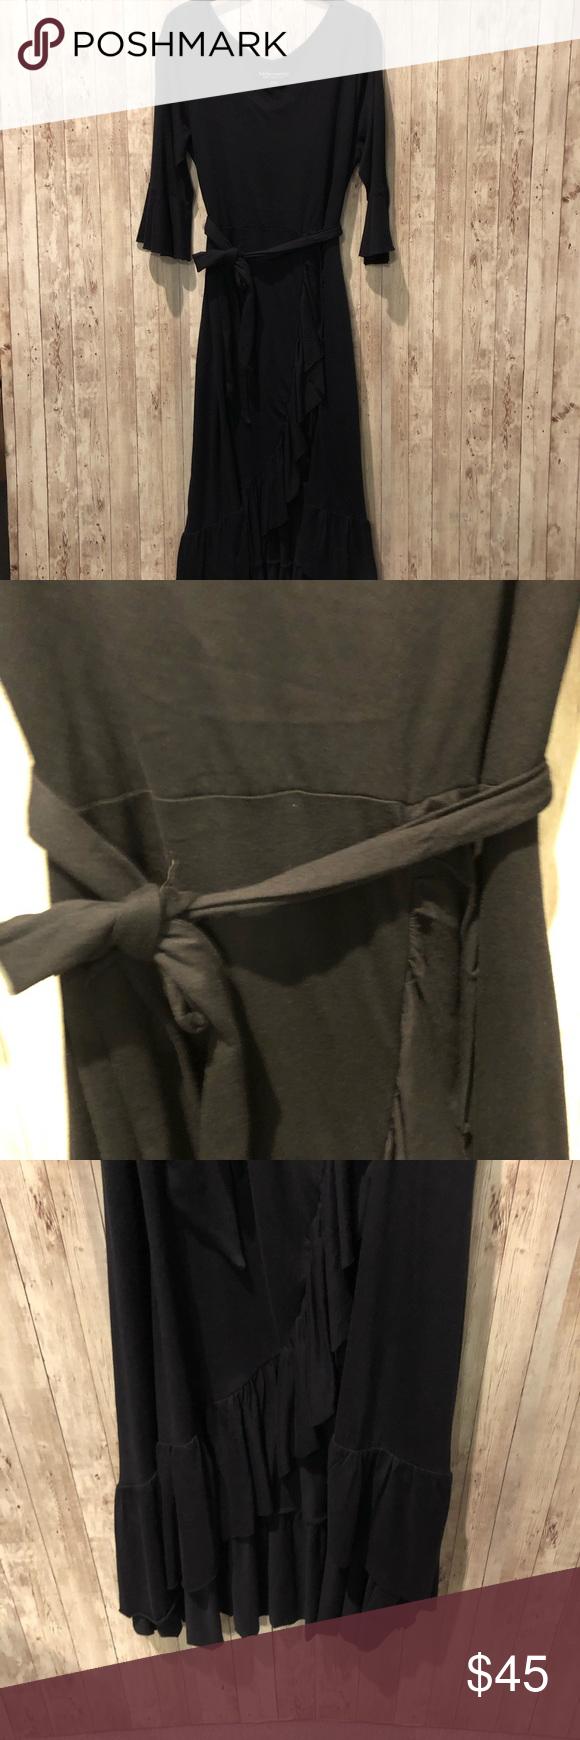 Soft Surroundings Springtime Ruffles Dress Black Soft